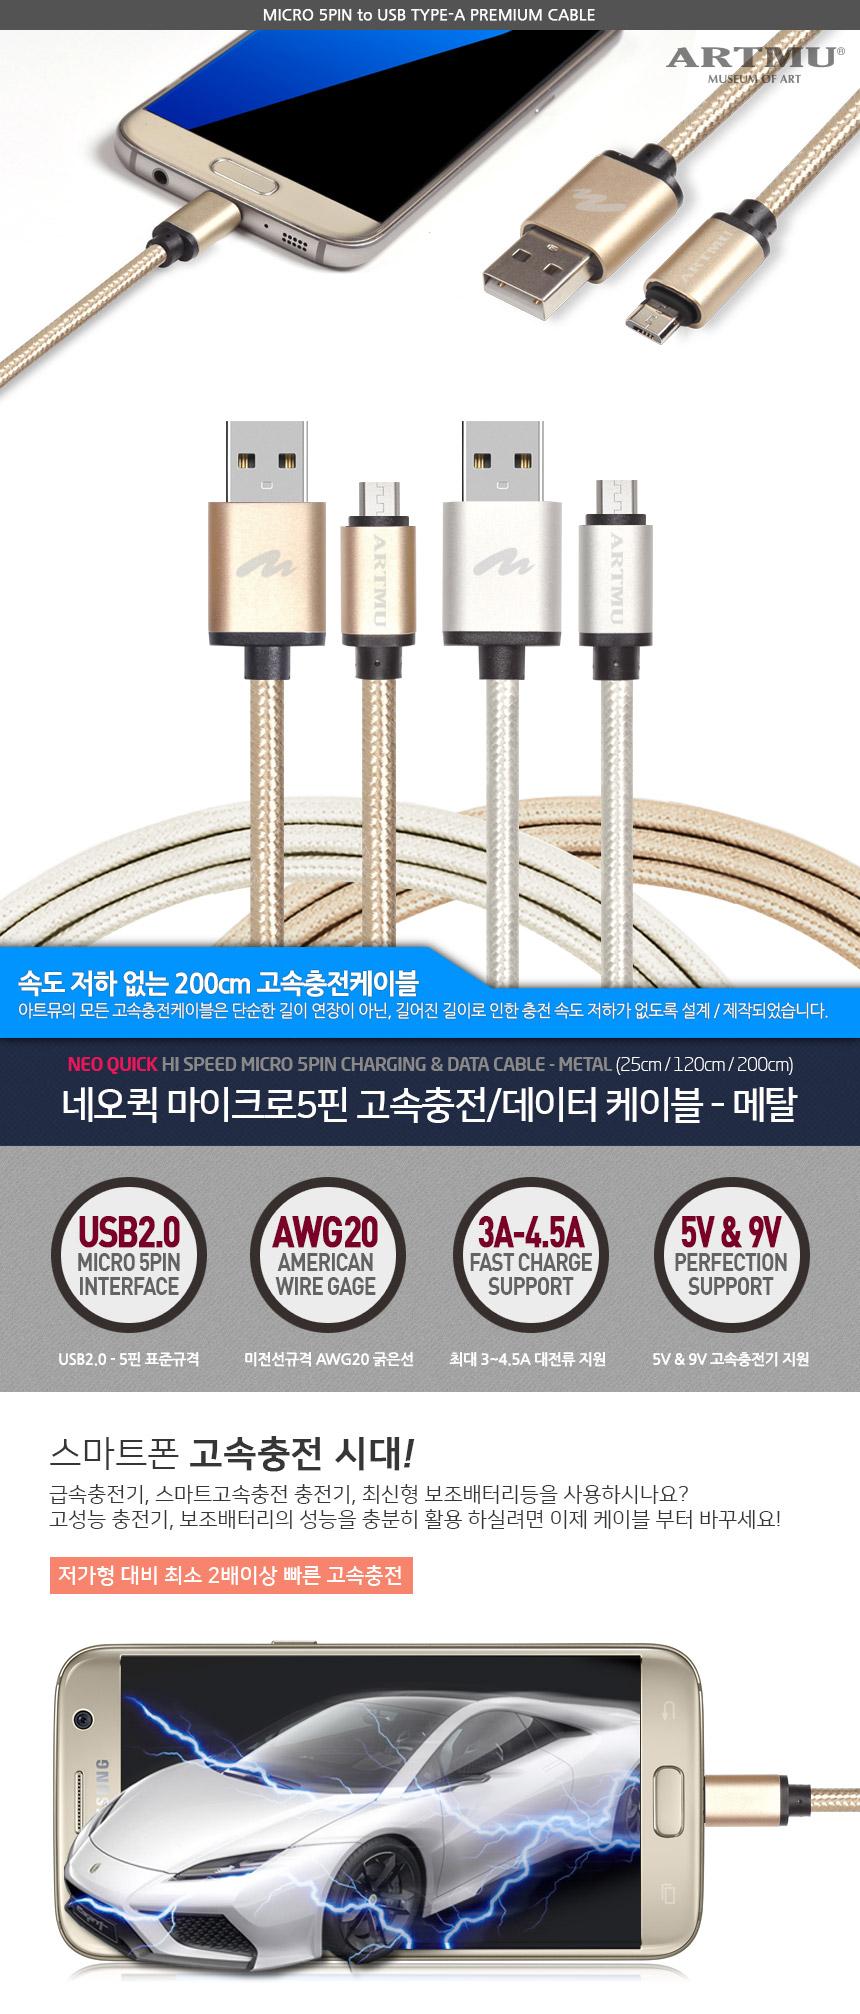 고속충전케이블 마이크로5핀 메탈 - 아트뮤, 4,400원, 케이블, 5핀